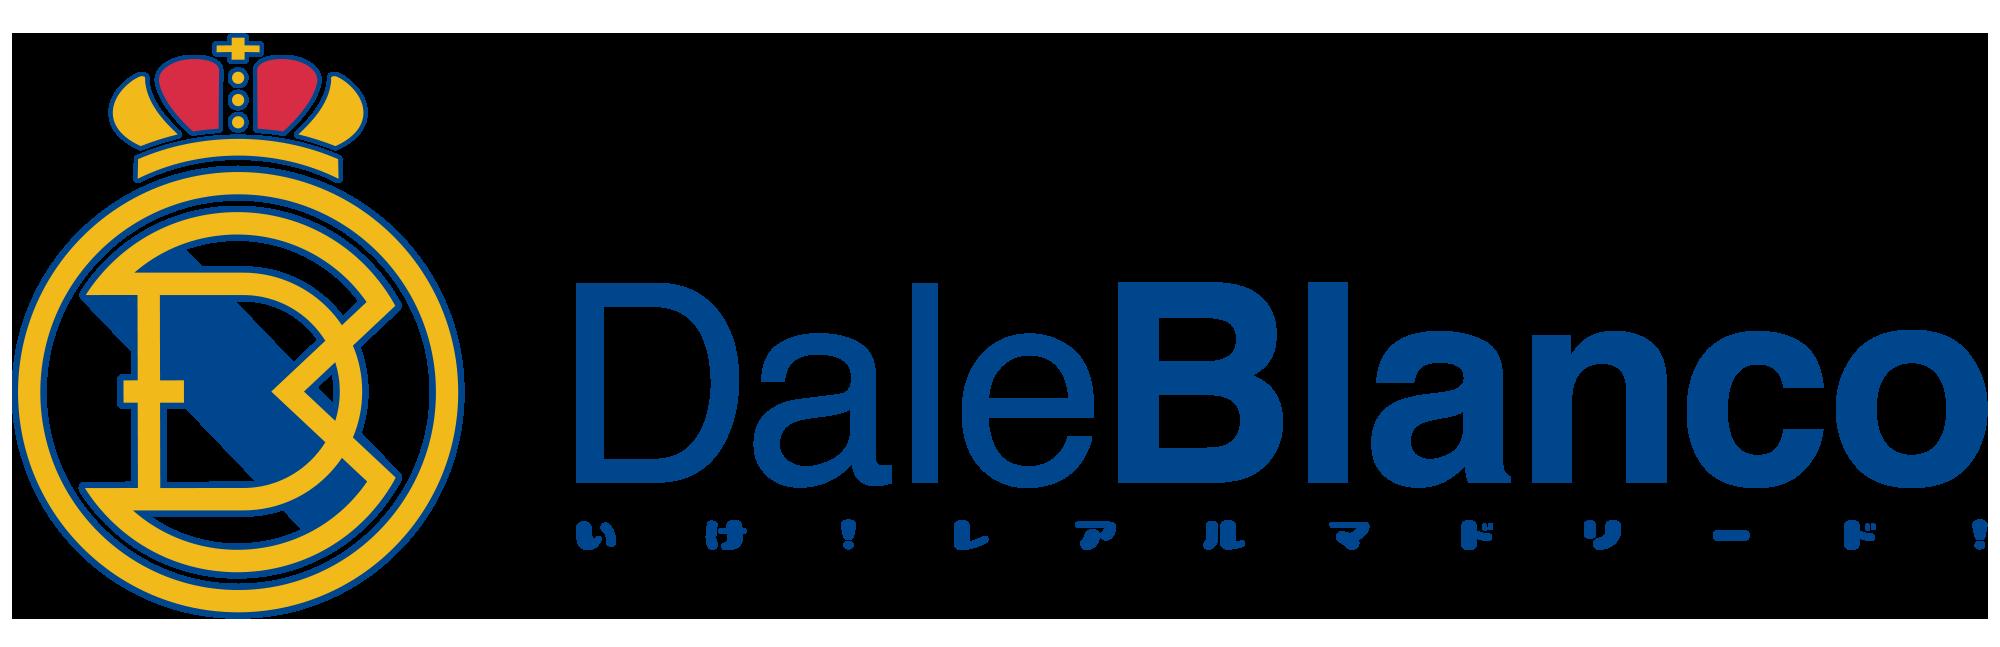 Dale Blanco(ダレ・ブランコ!)